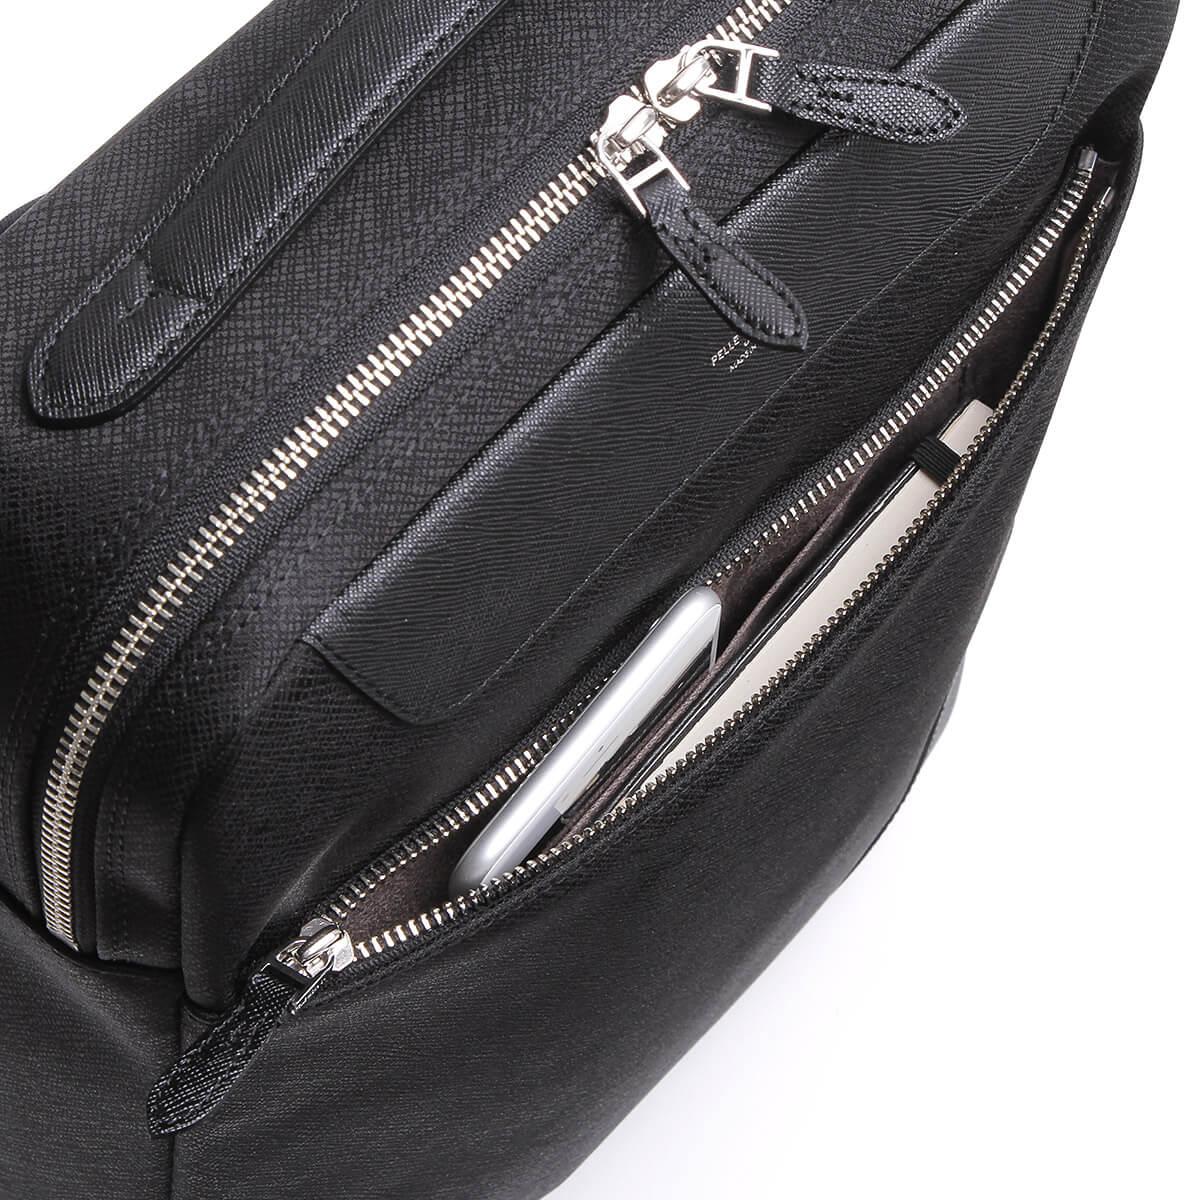 【正規販売店】ペッレモルビダ 3Way ブリーフバッグ リュック ビジネスバッグ Capitano Brief Bag(3way) PELLE MORBIDA PMO-CA108